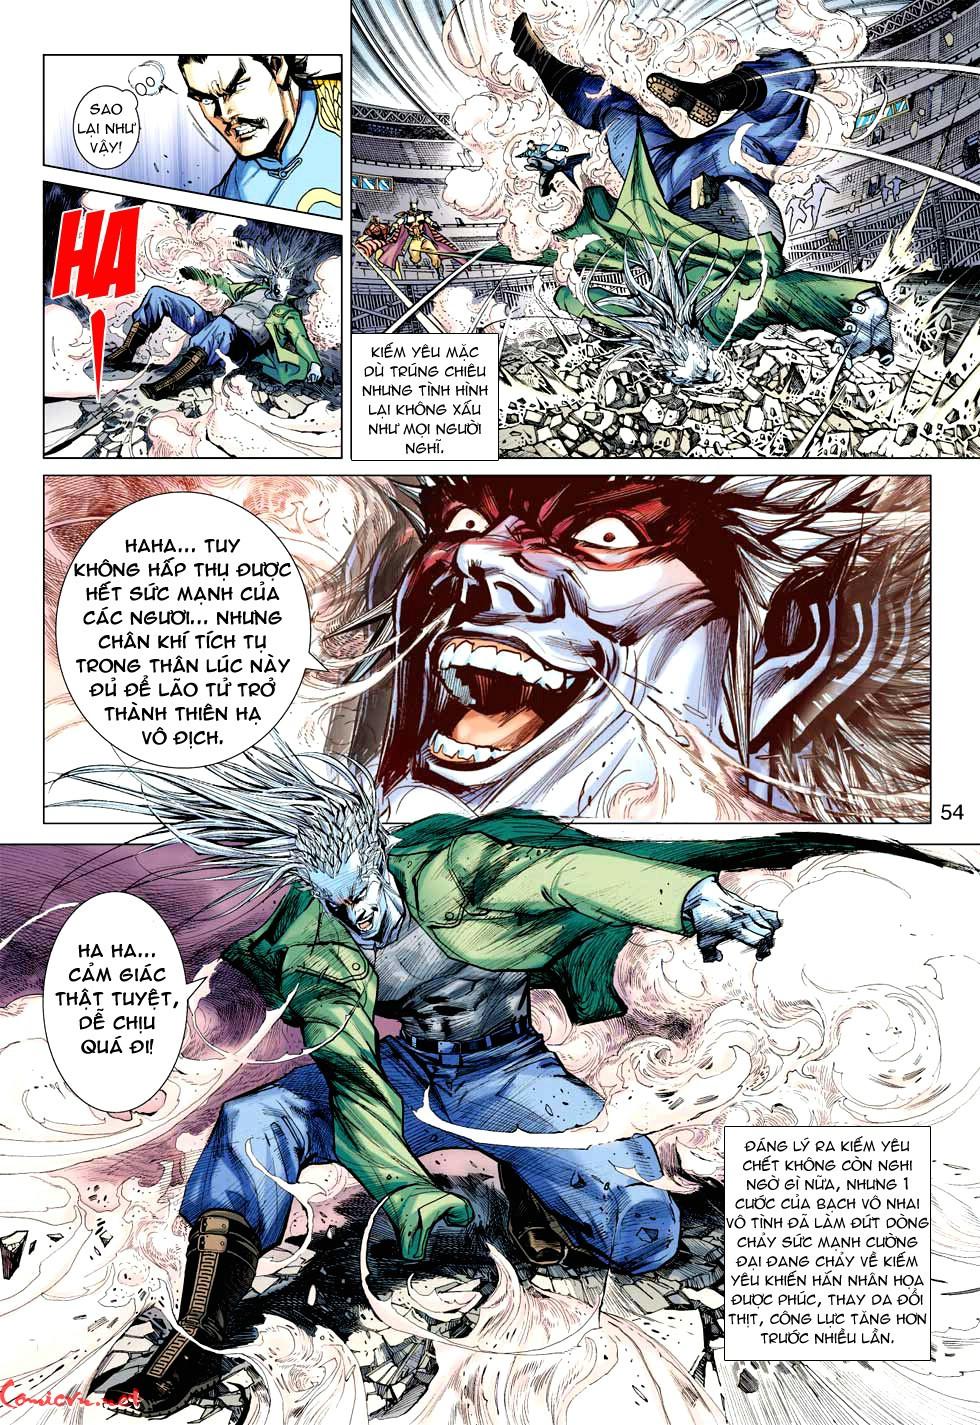 Vương Phong Lôi 1 chap 35 - Trang 11